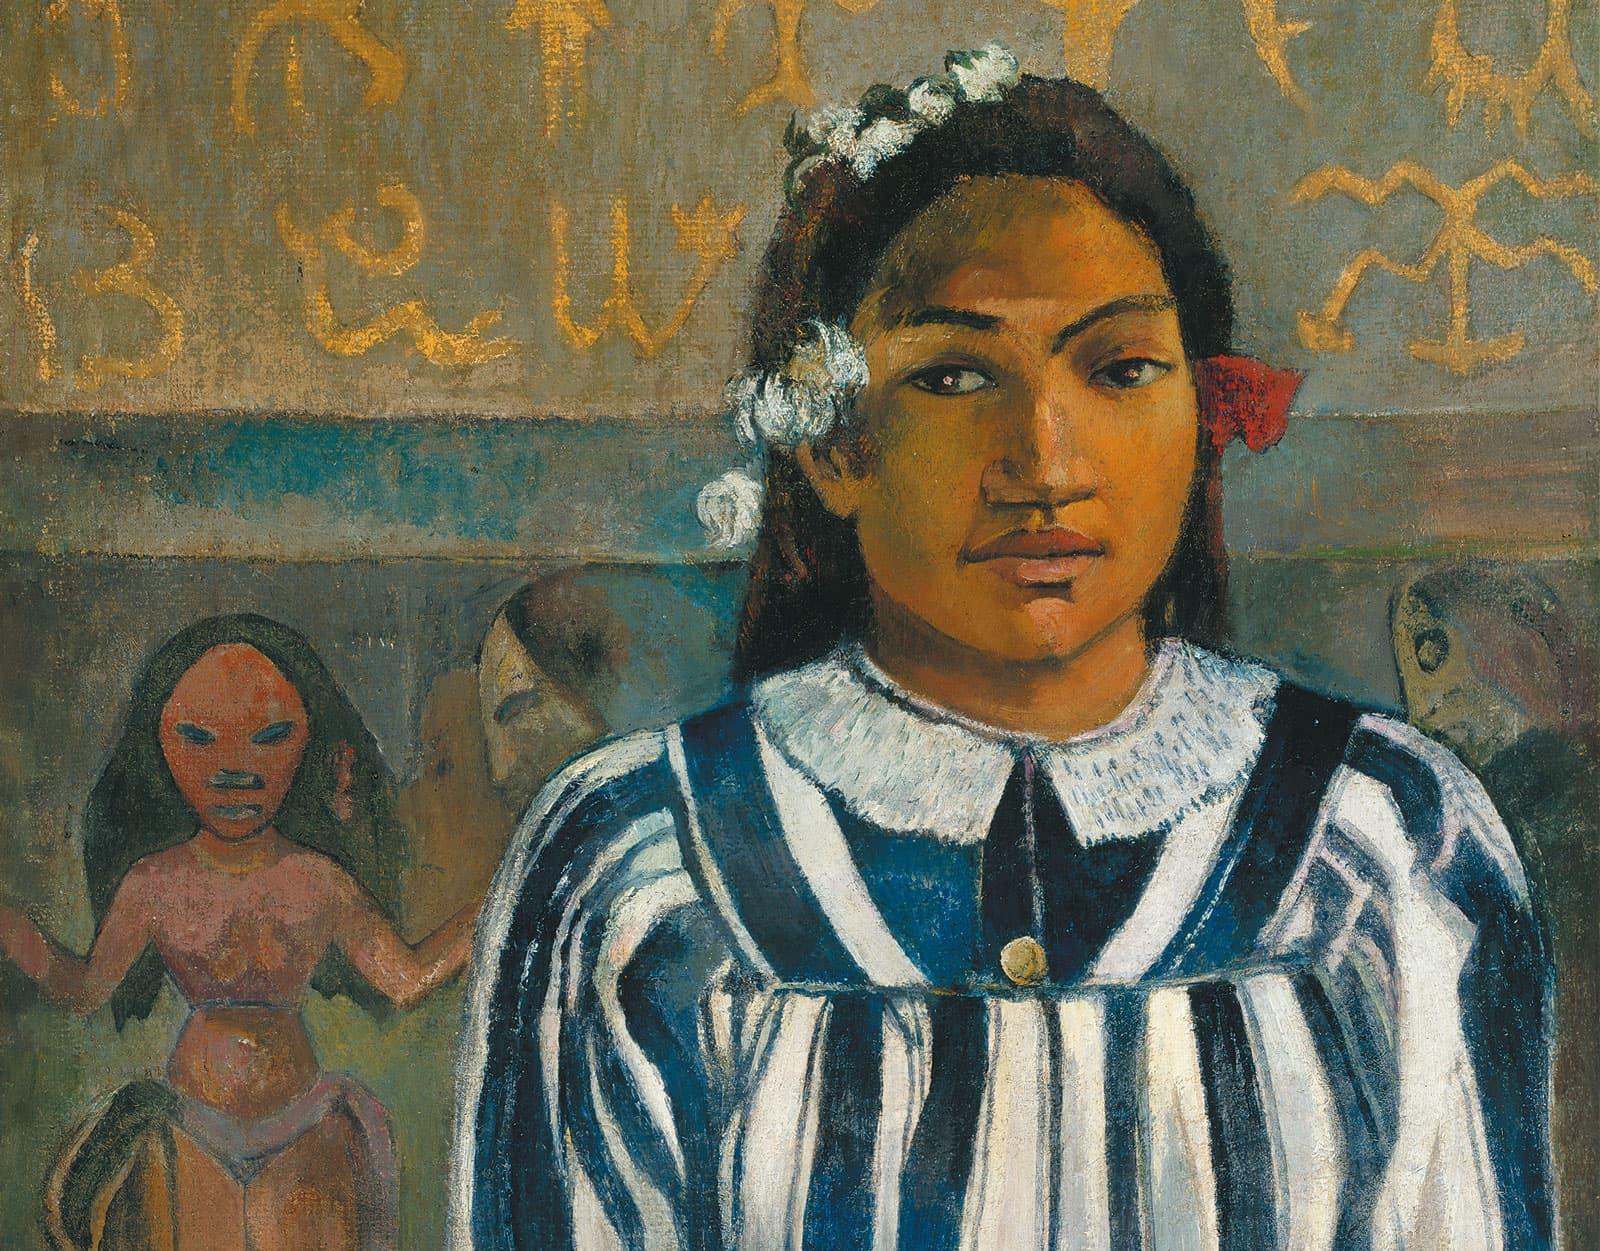 Quadre Els avantpassats de Tehamana de Gauguin exposat a la National Gallery de Londres.